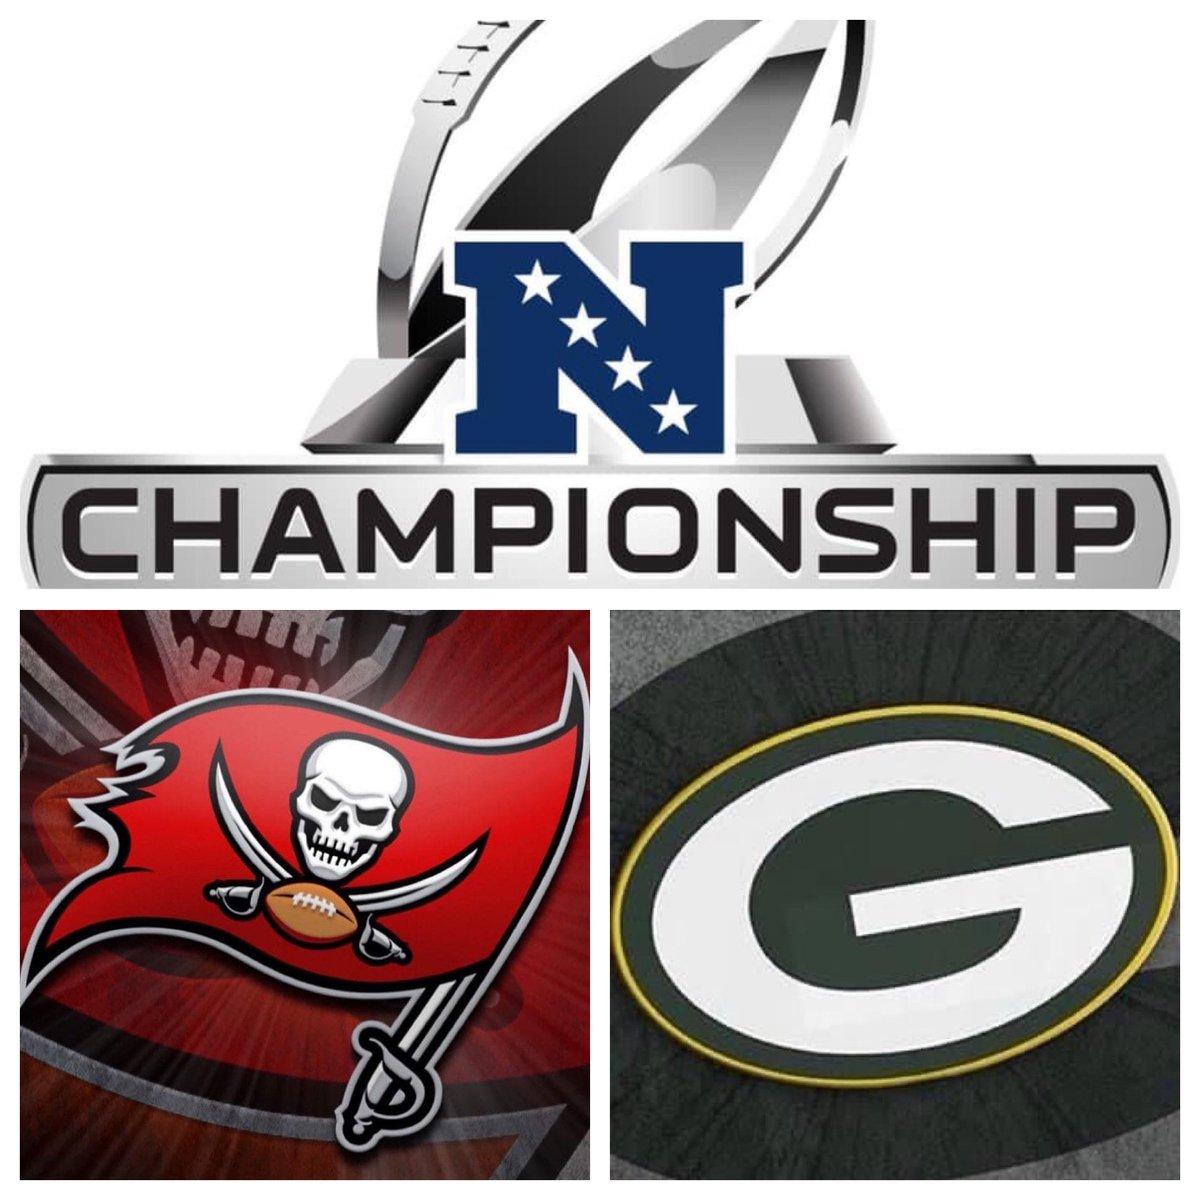 #IESRSN The 2021 #NFCChampionship is underway! #NFL #NFLPlayoffs #ChampionshipSunday #TBvsGB #GoBucs #GoPackGo